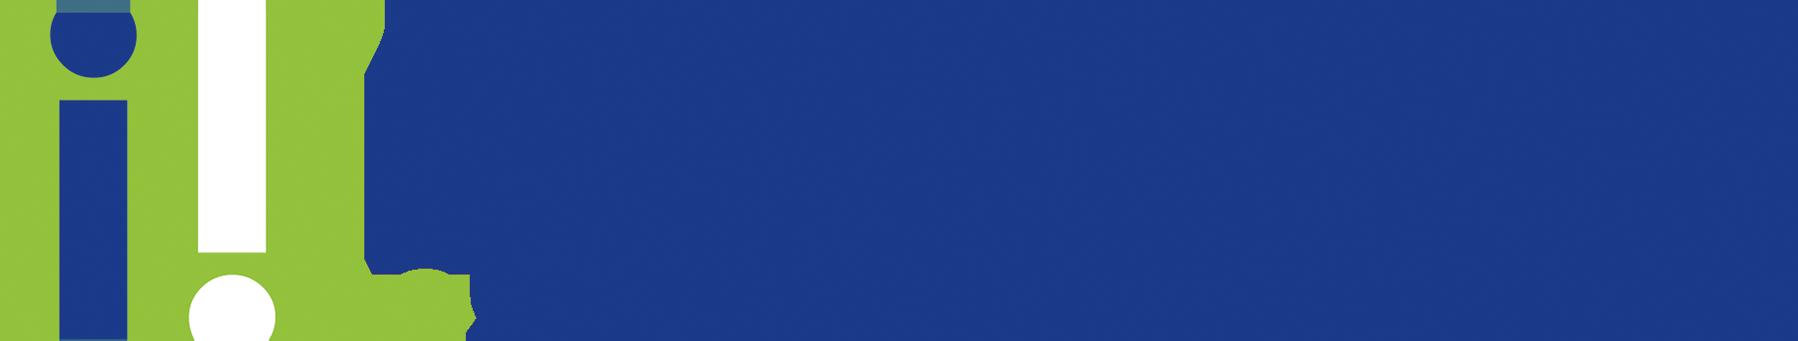 Smart-links-logo-Informer